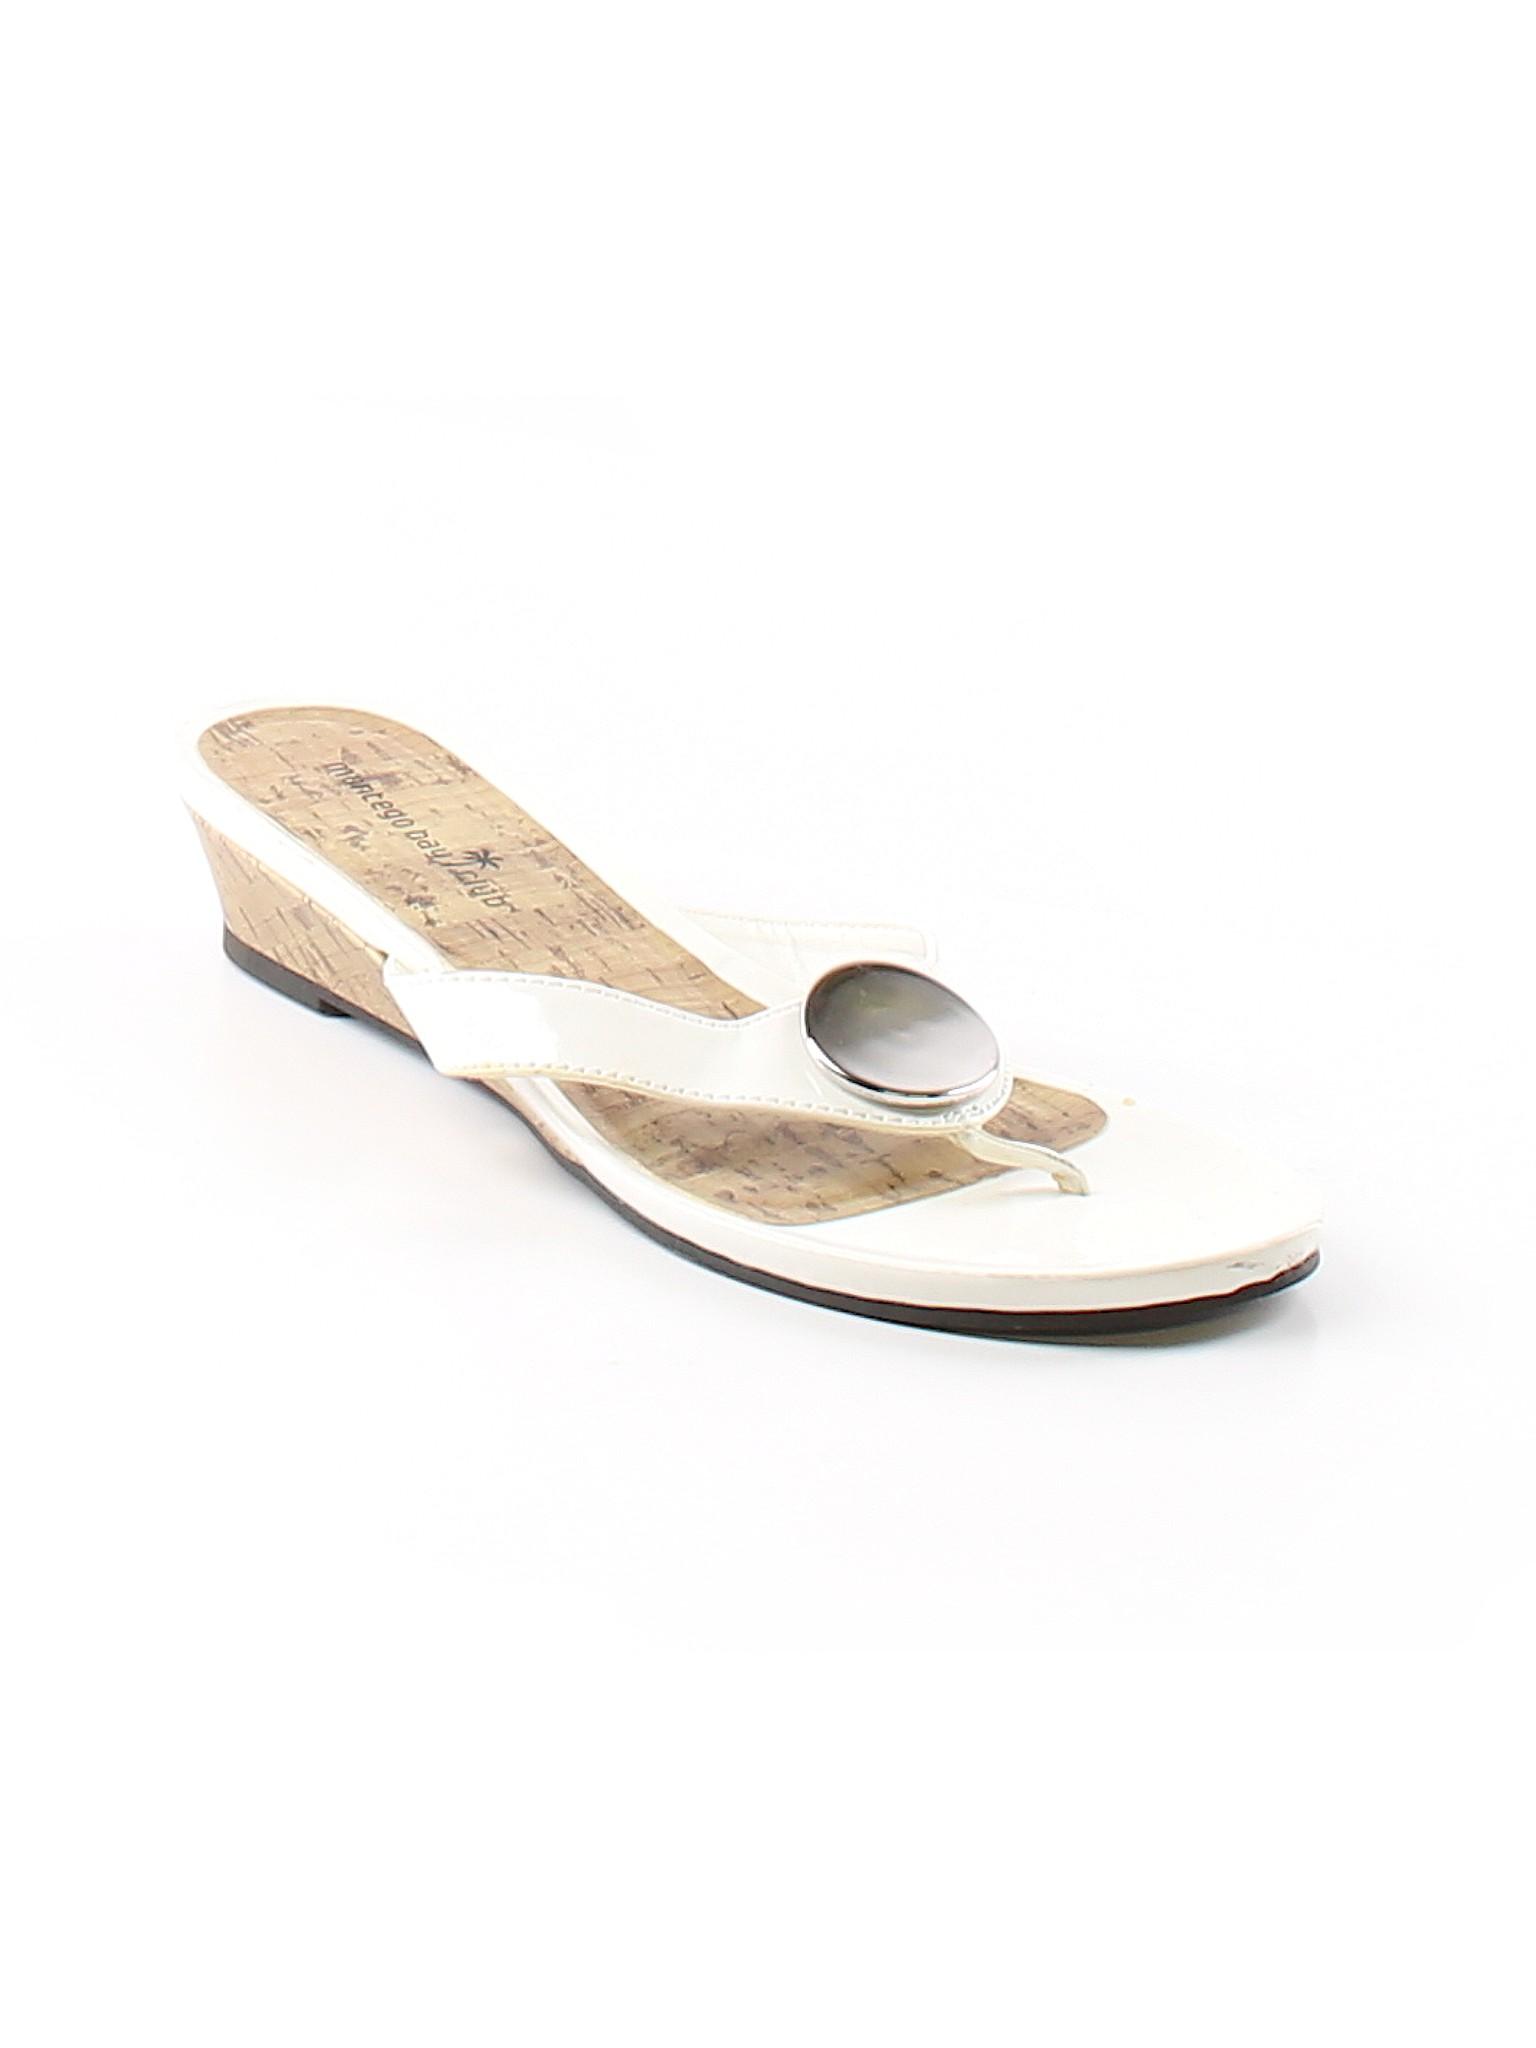 promotion Sandals Boutique Montego Bay Club T8n1B0wq